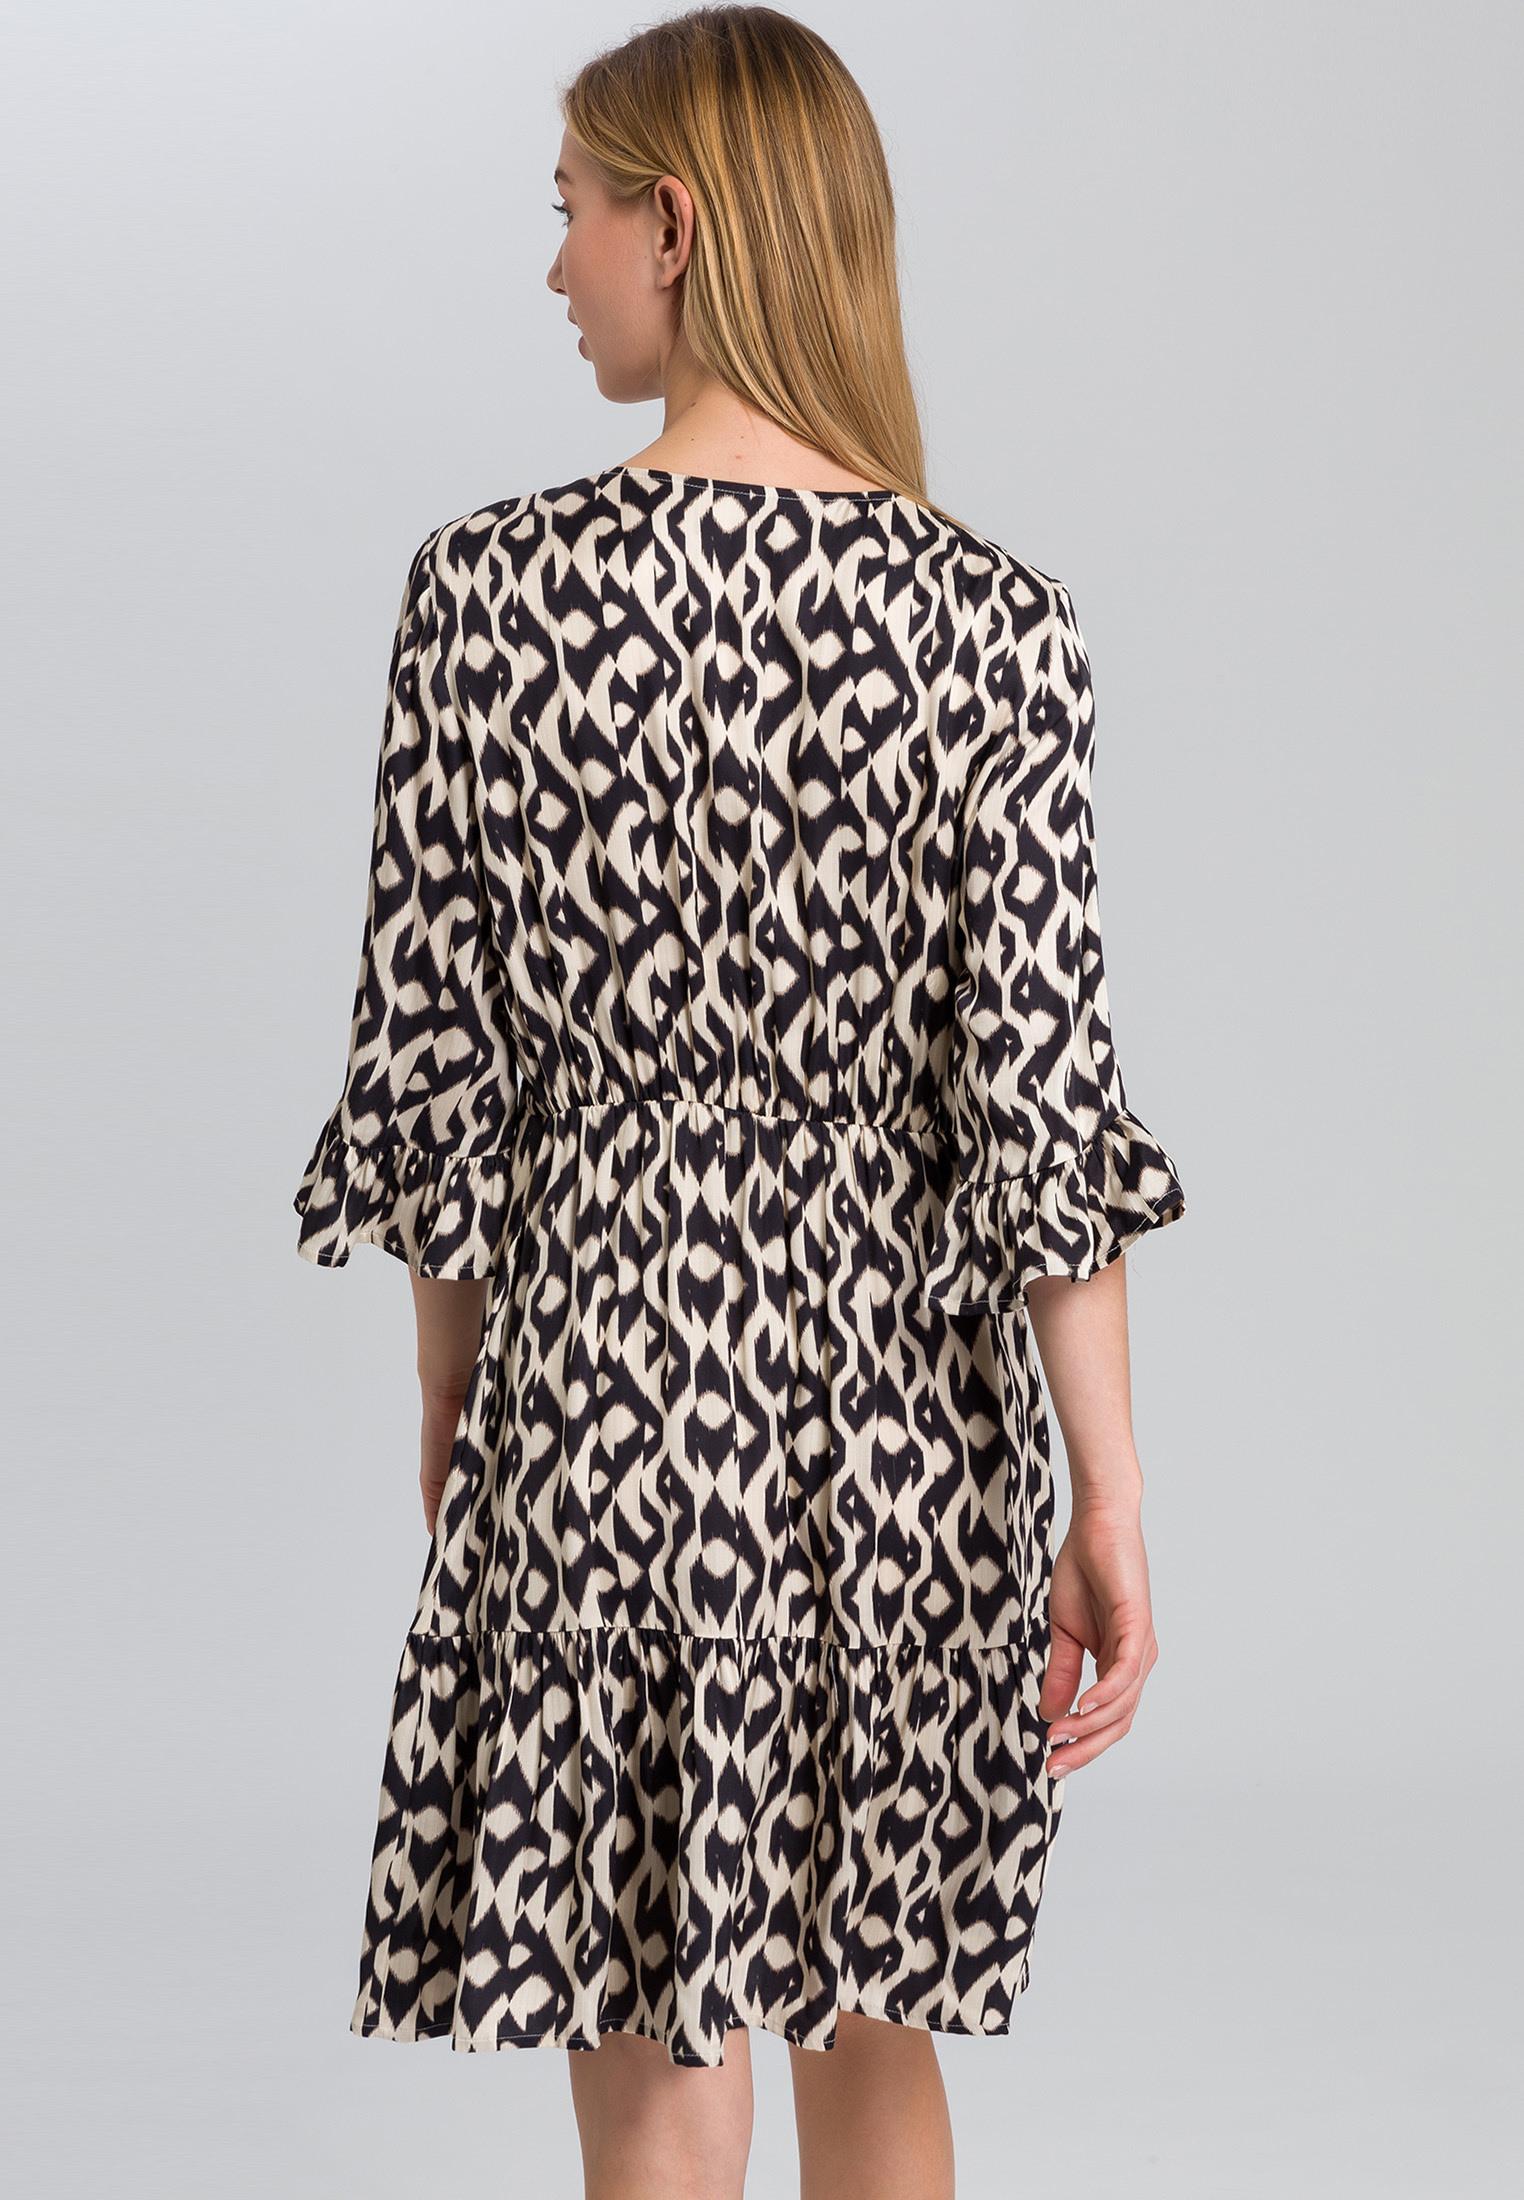 Kleid Mit Ethnoprint  Kleider  Röcke  Fashion